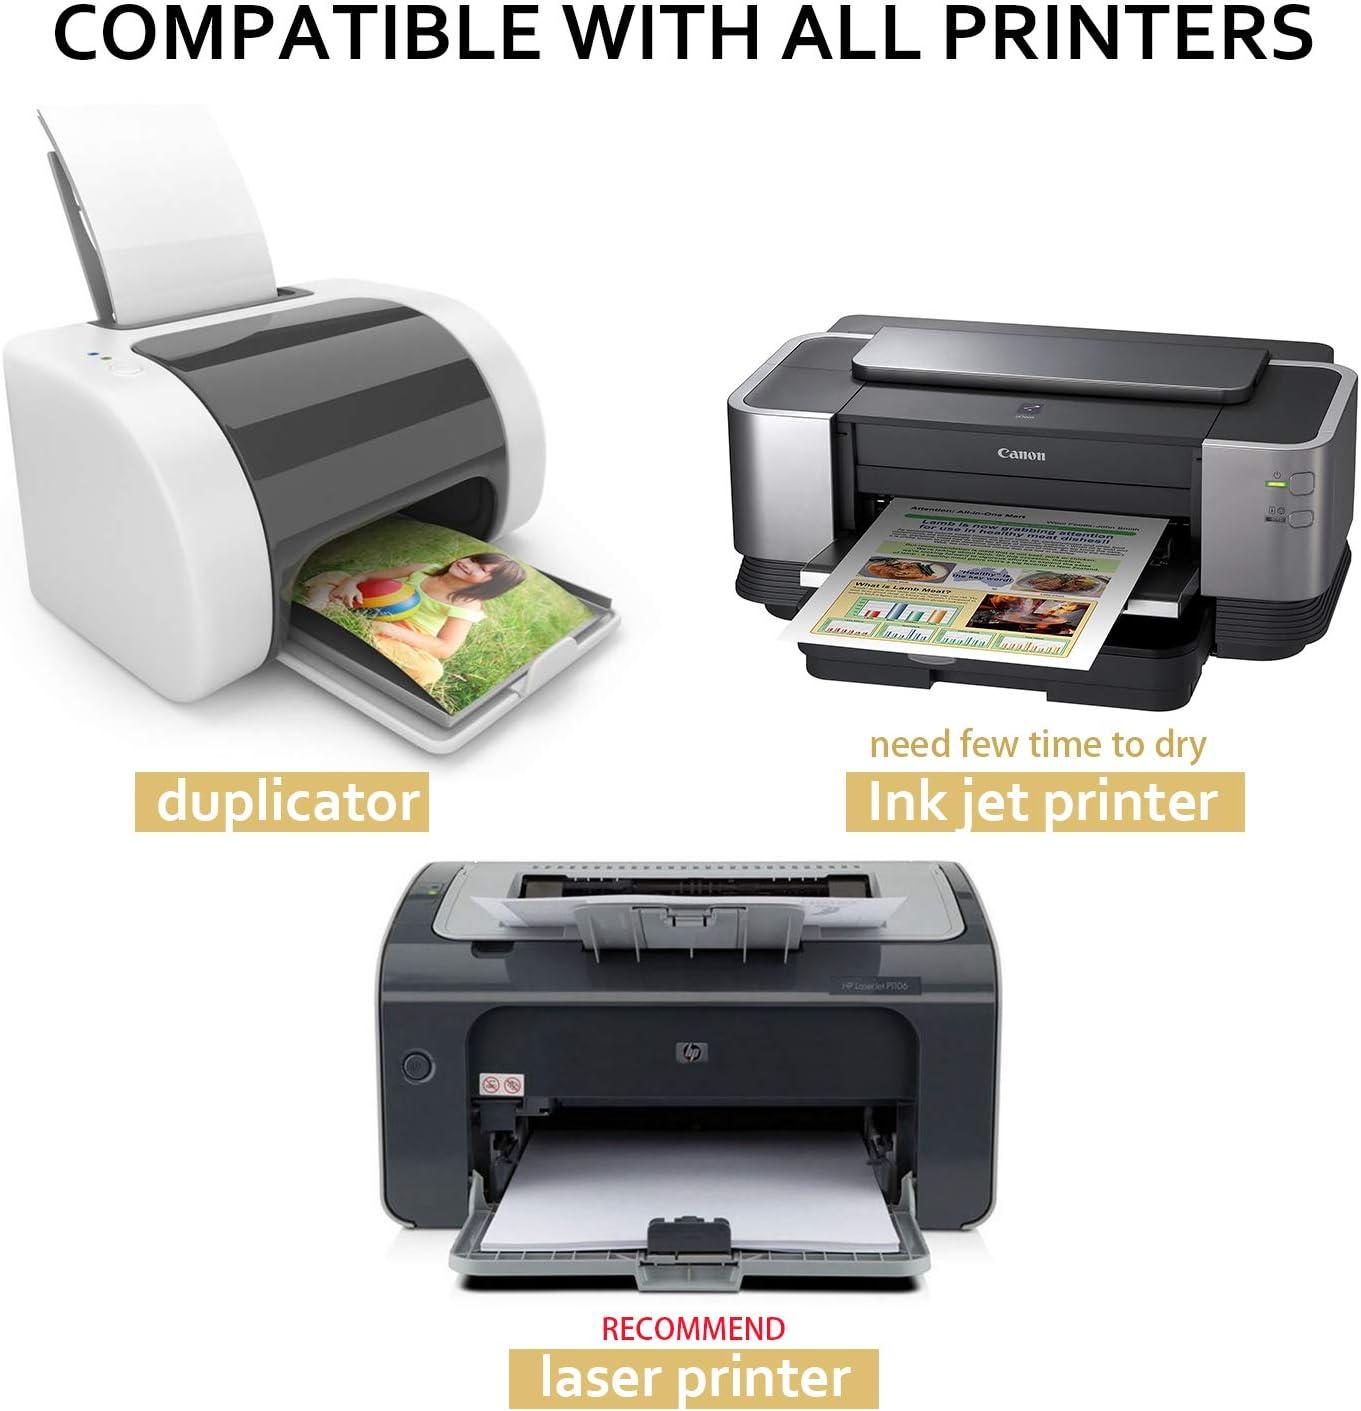 Magicdo 65pcs papel adhesivo brillante, autoadhesivo A4/pegajosa hoja de papel de impresión trasera para inyección de tinta, impresoras láser: Amazon.es: Oficina y papelería